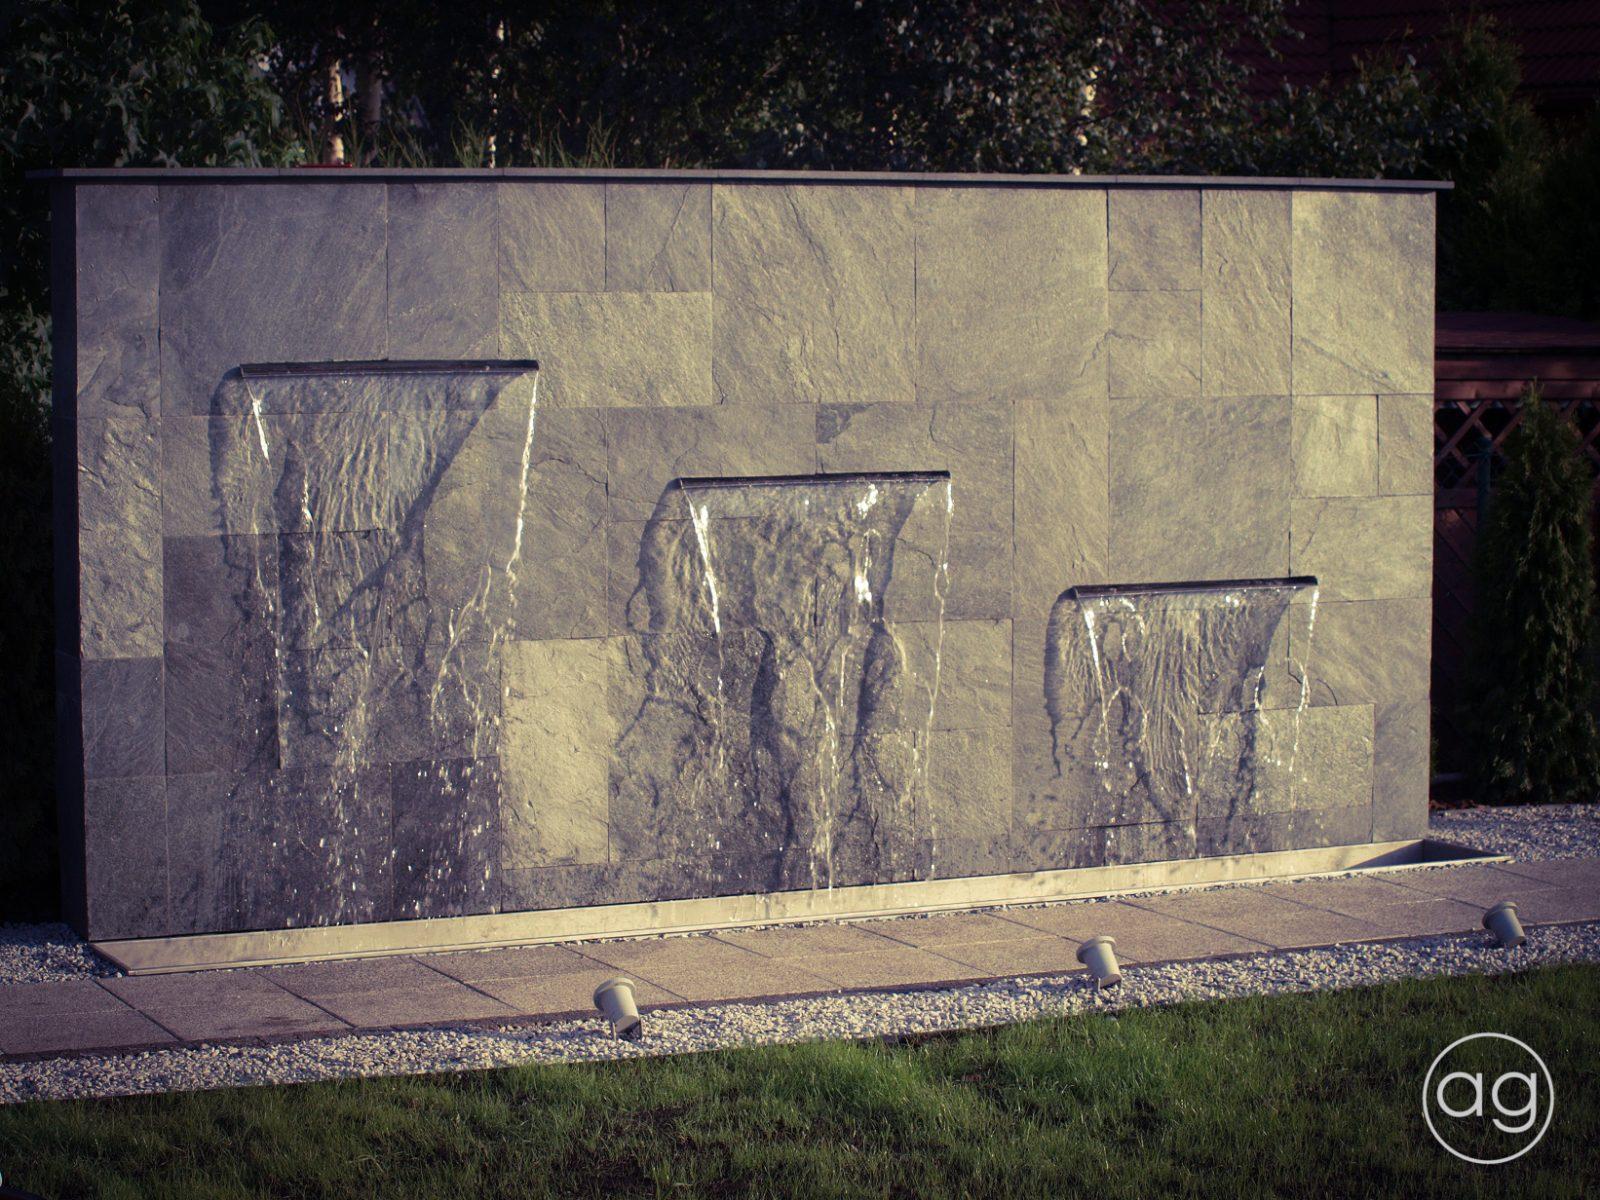 ściana wodna wogrodzie, kaskada, agnieszkagertnerblog, Agnieszka Gertner, projektowanie ogrodów